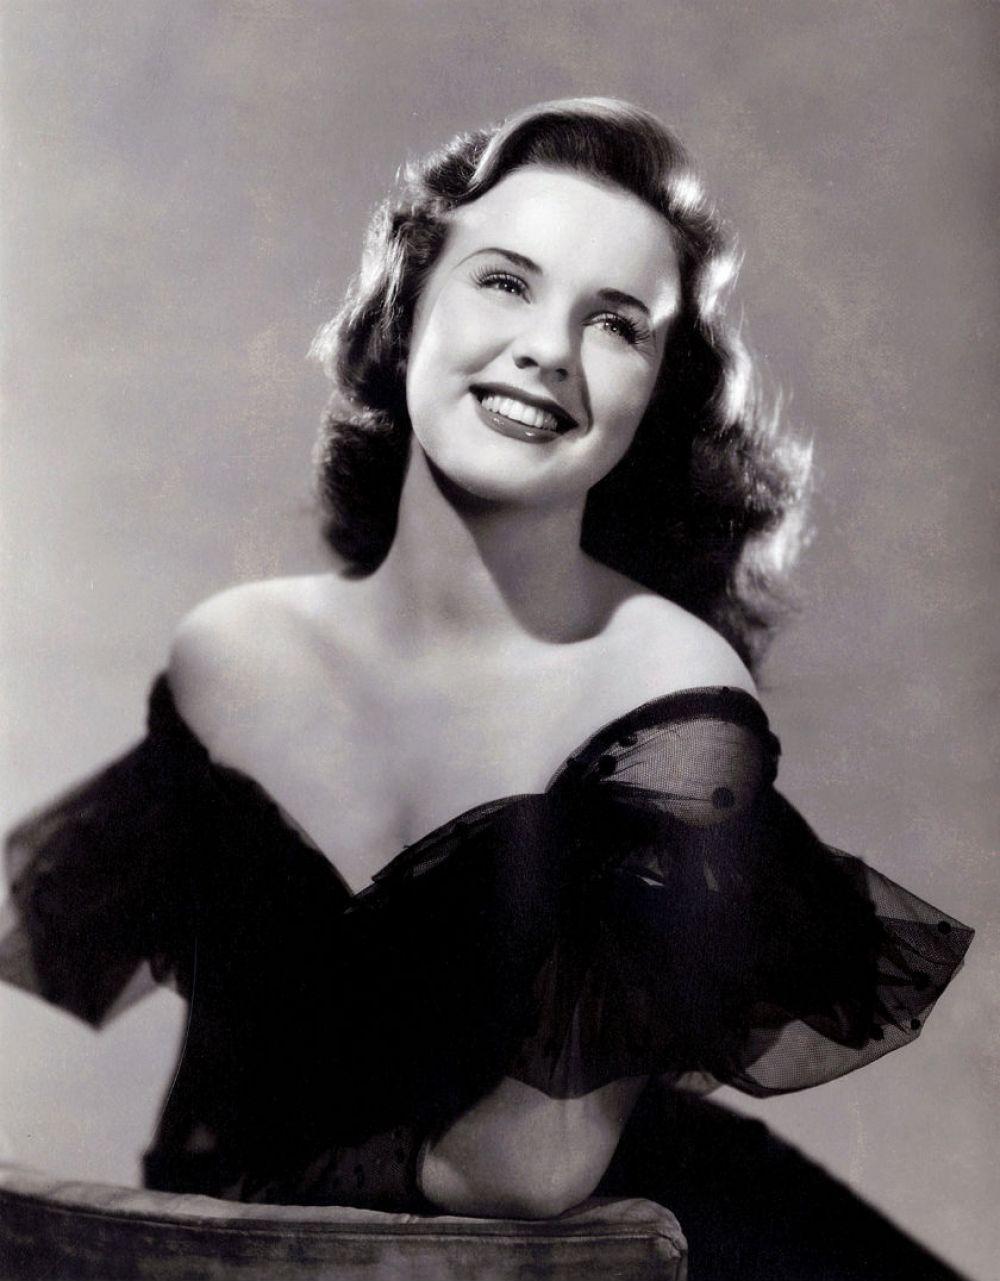 Вторая мировая война оставила свой отпечаток и на идеалах женской фигуры. Так, пережив сложный период, в моде были дамы с крепкими ногами и широкими плечами. Главной красавицей тогда считалась американская актриса Дина Дурбин